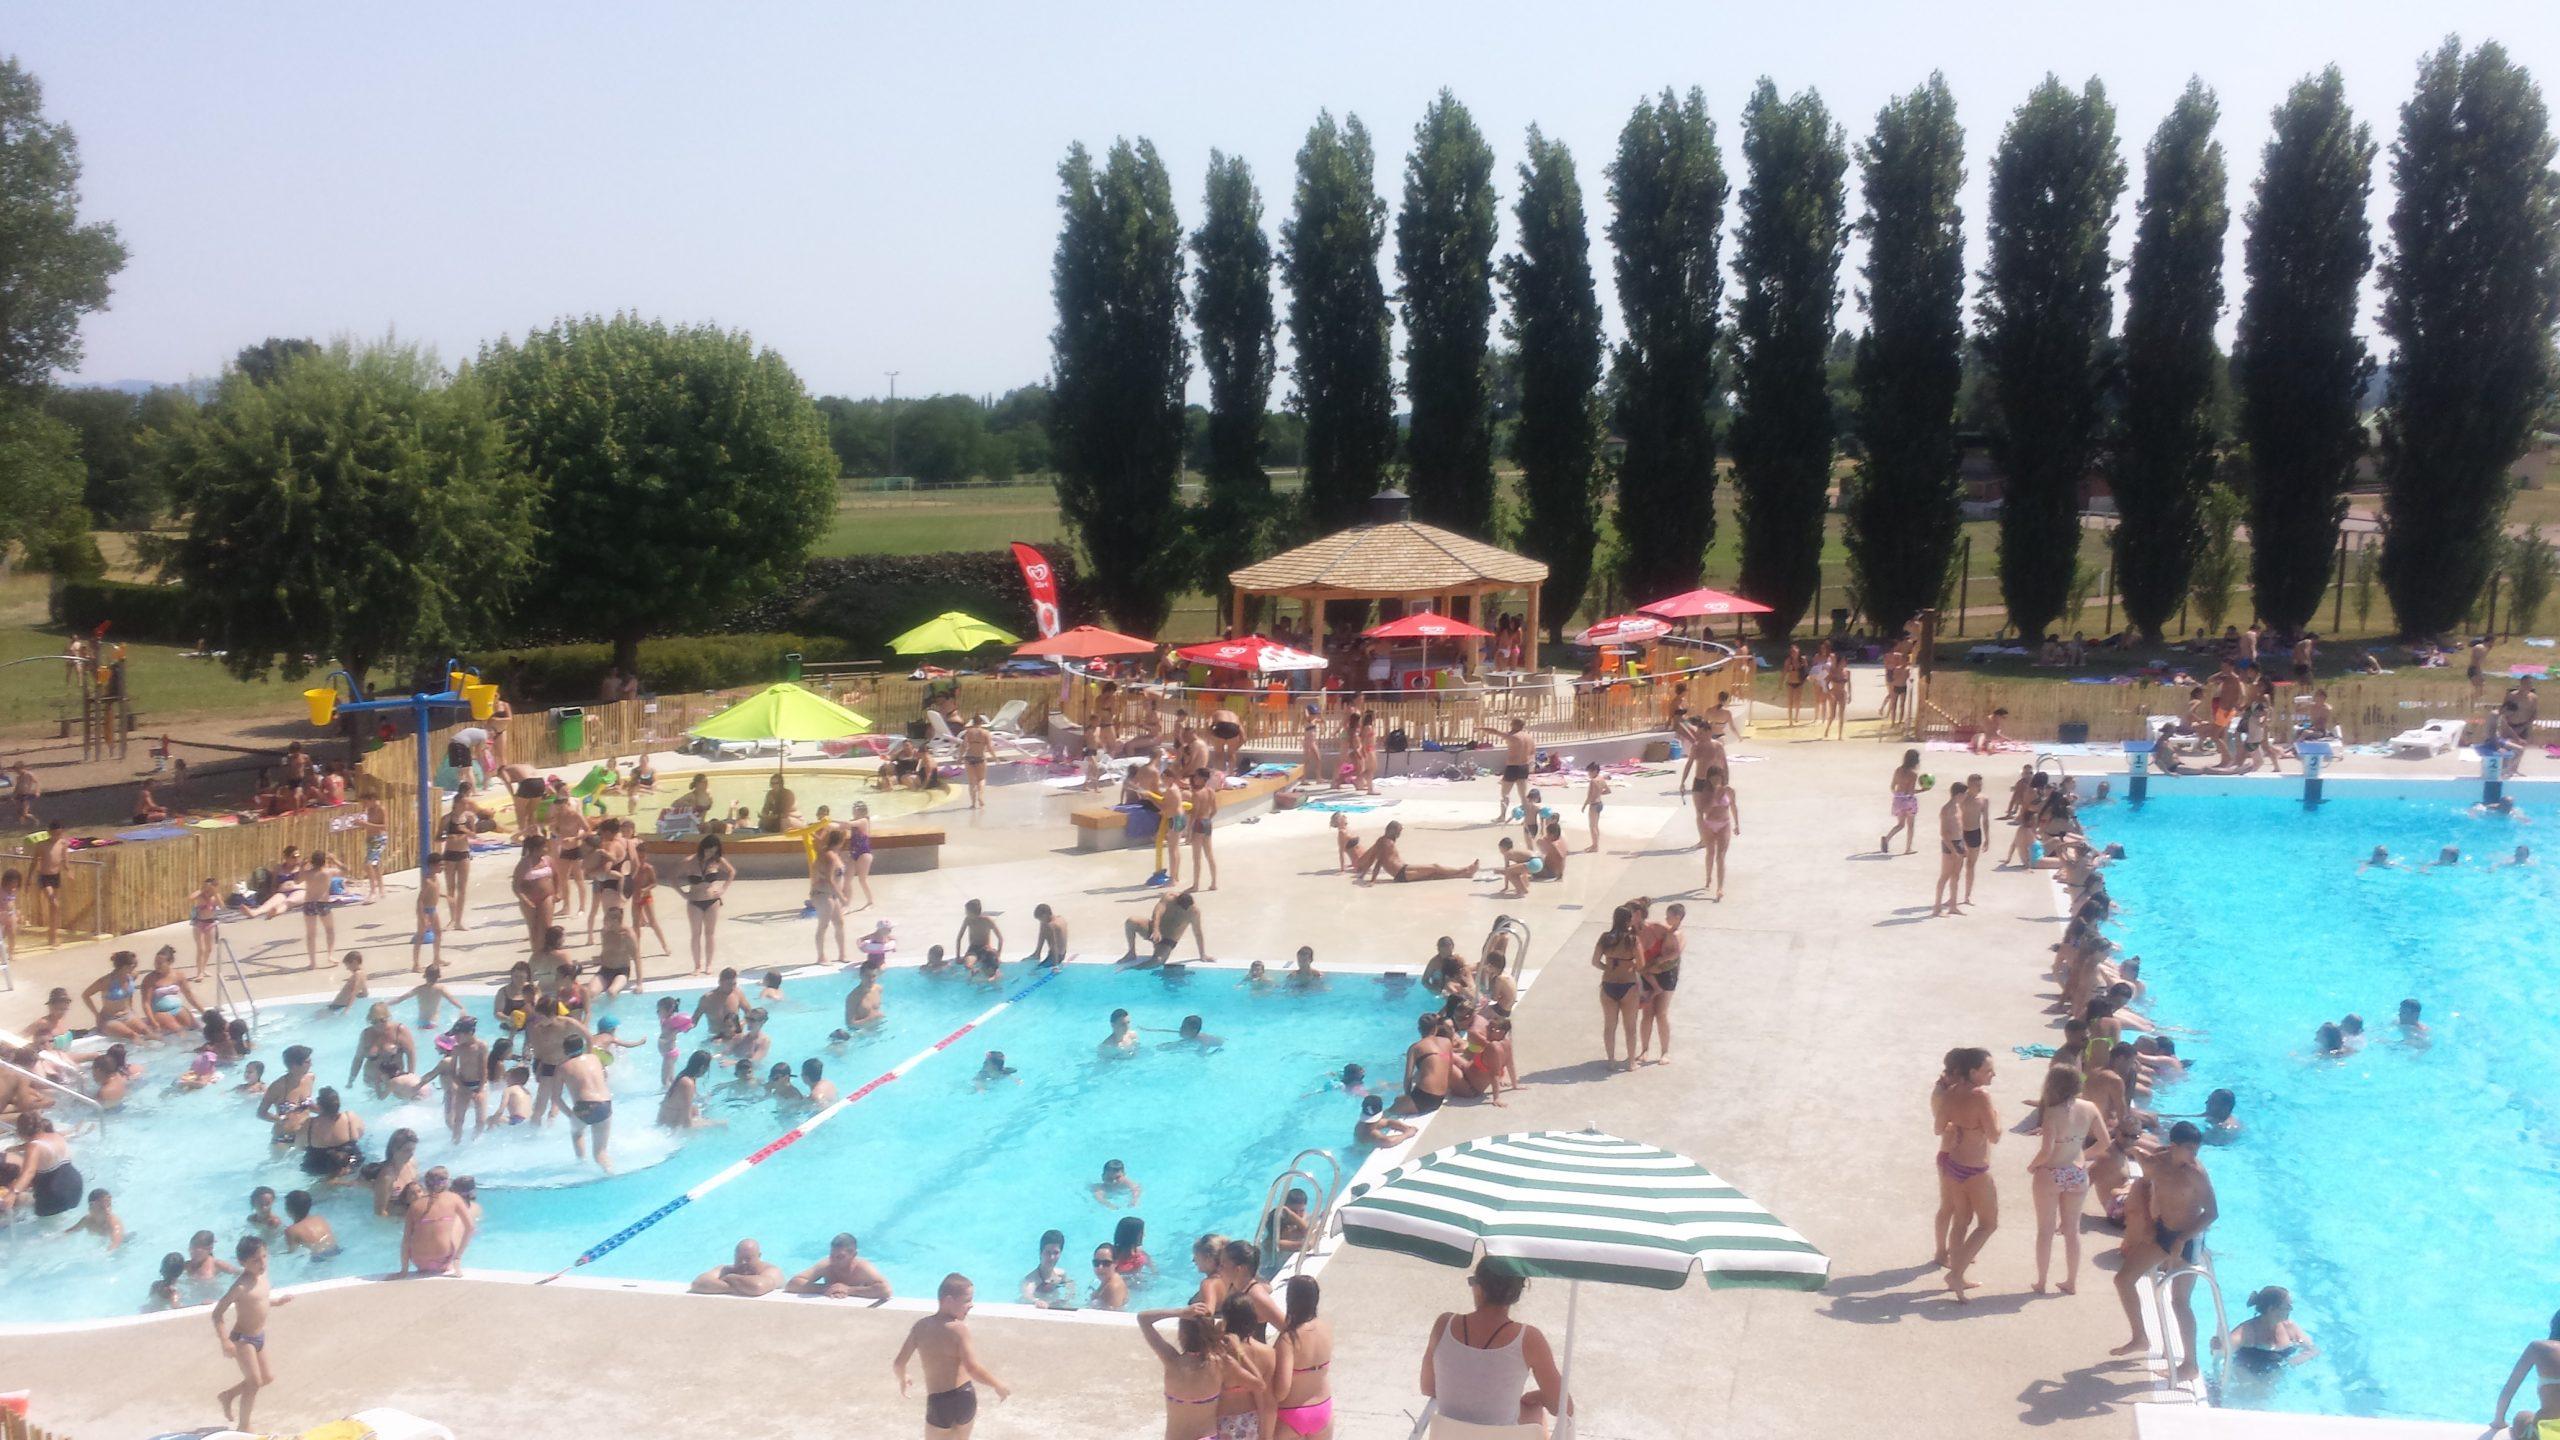 Piscine De Saint-Yorre - Vichy Communauté intérieur Piscine St Amand Les Eaux